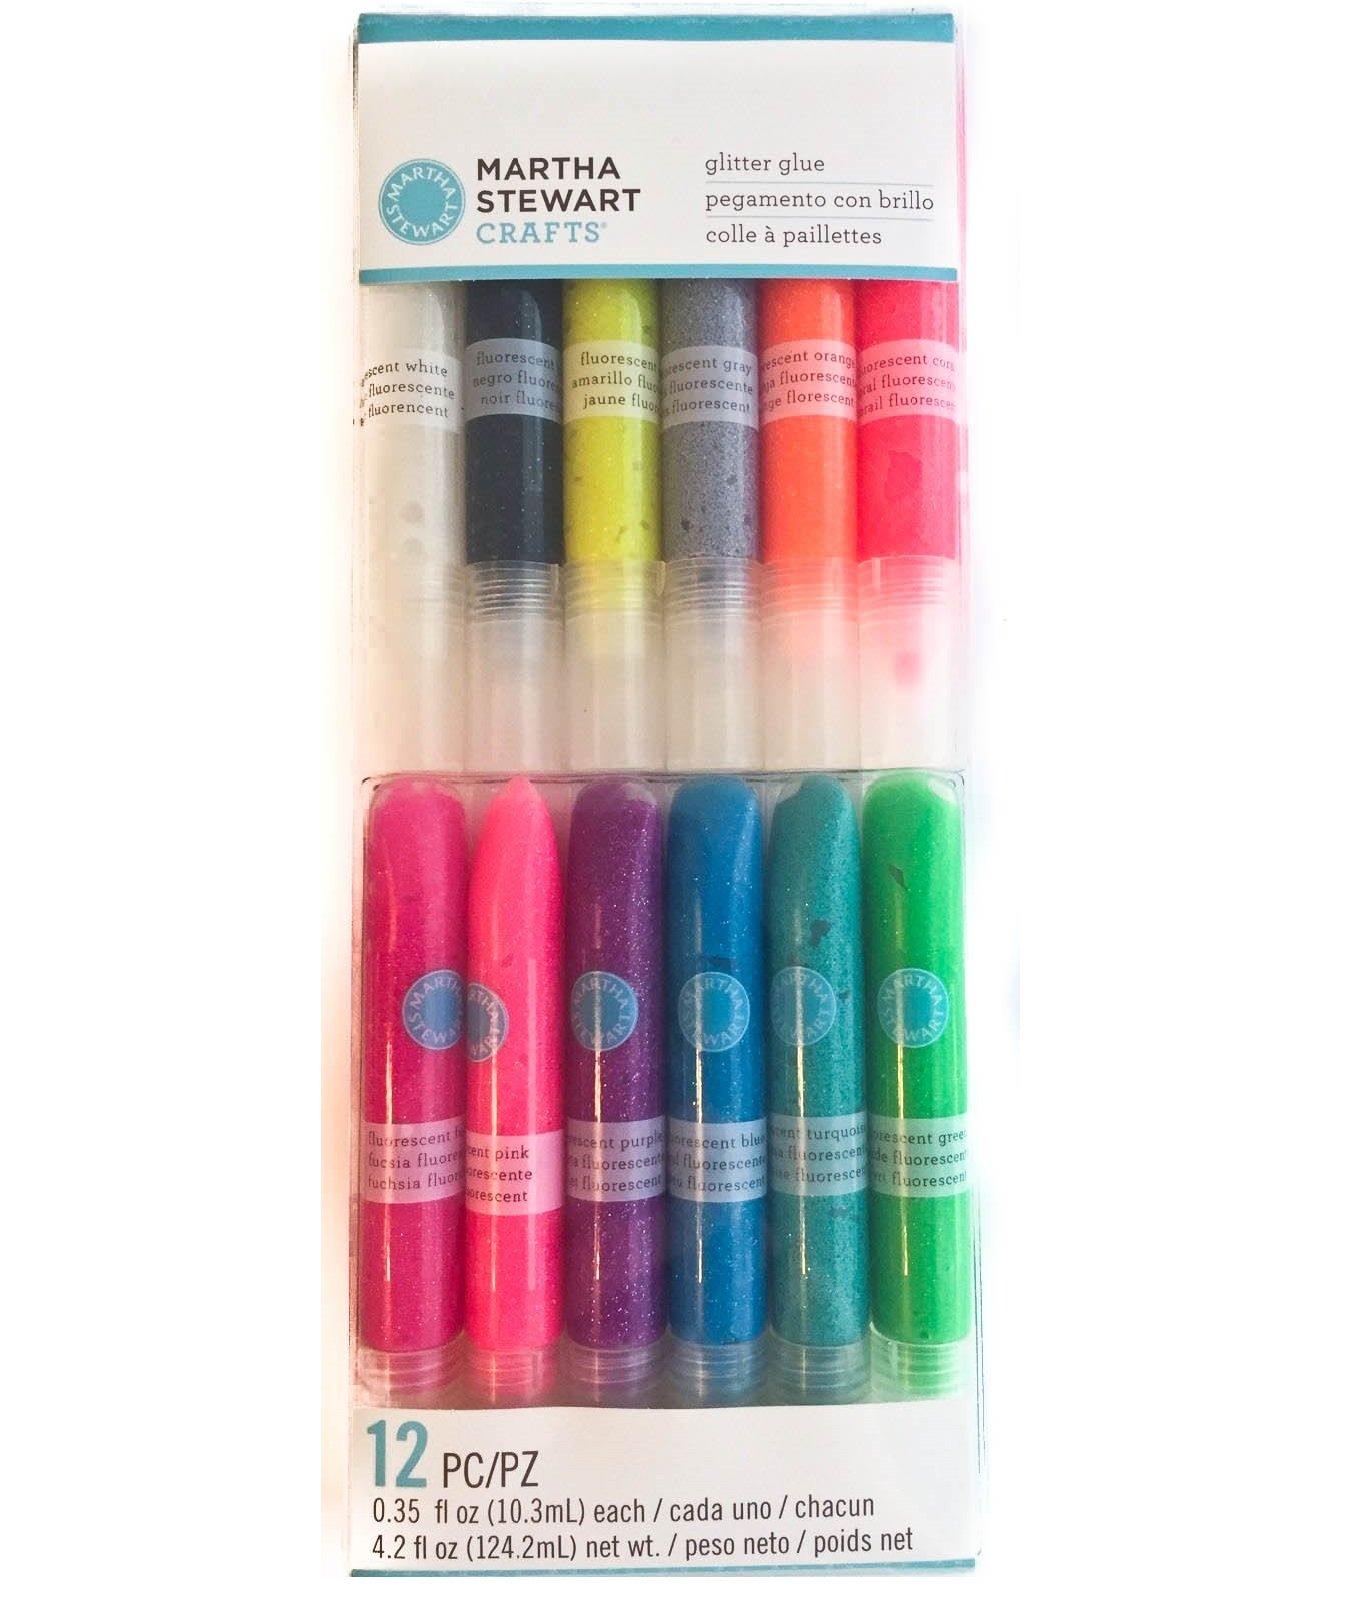 Martha Stewart Crafts Neon Glitter Glue Set, 12 per pack